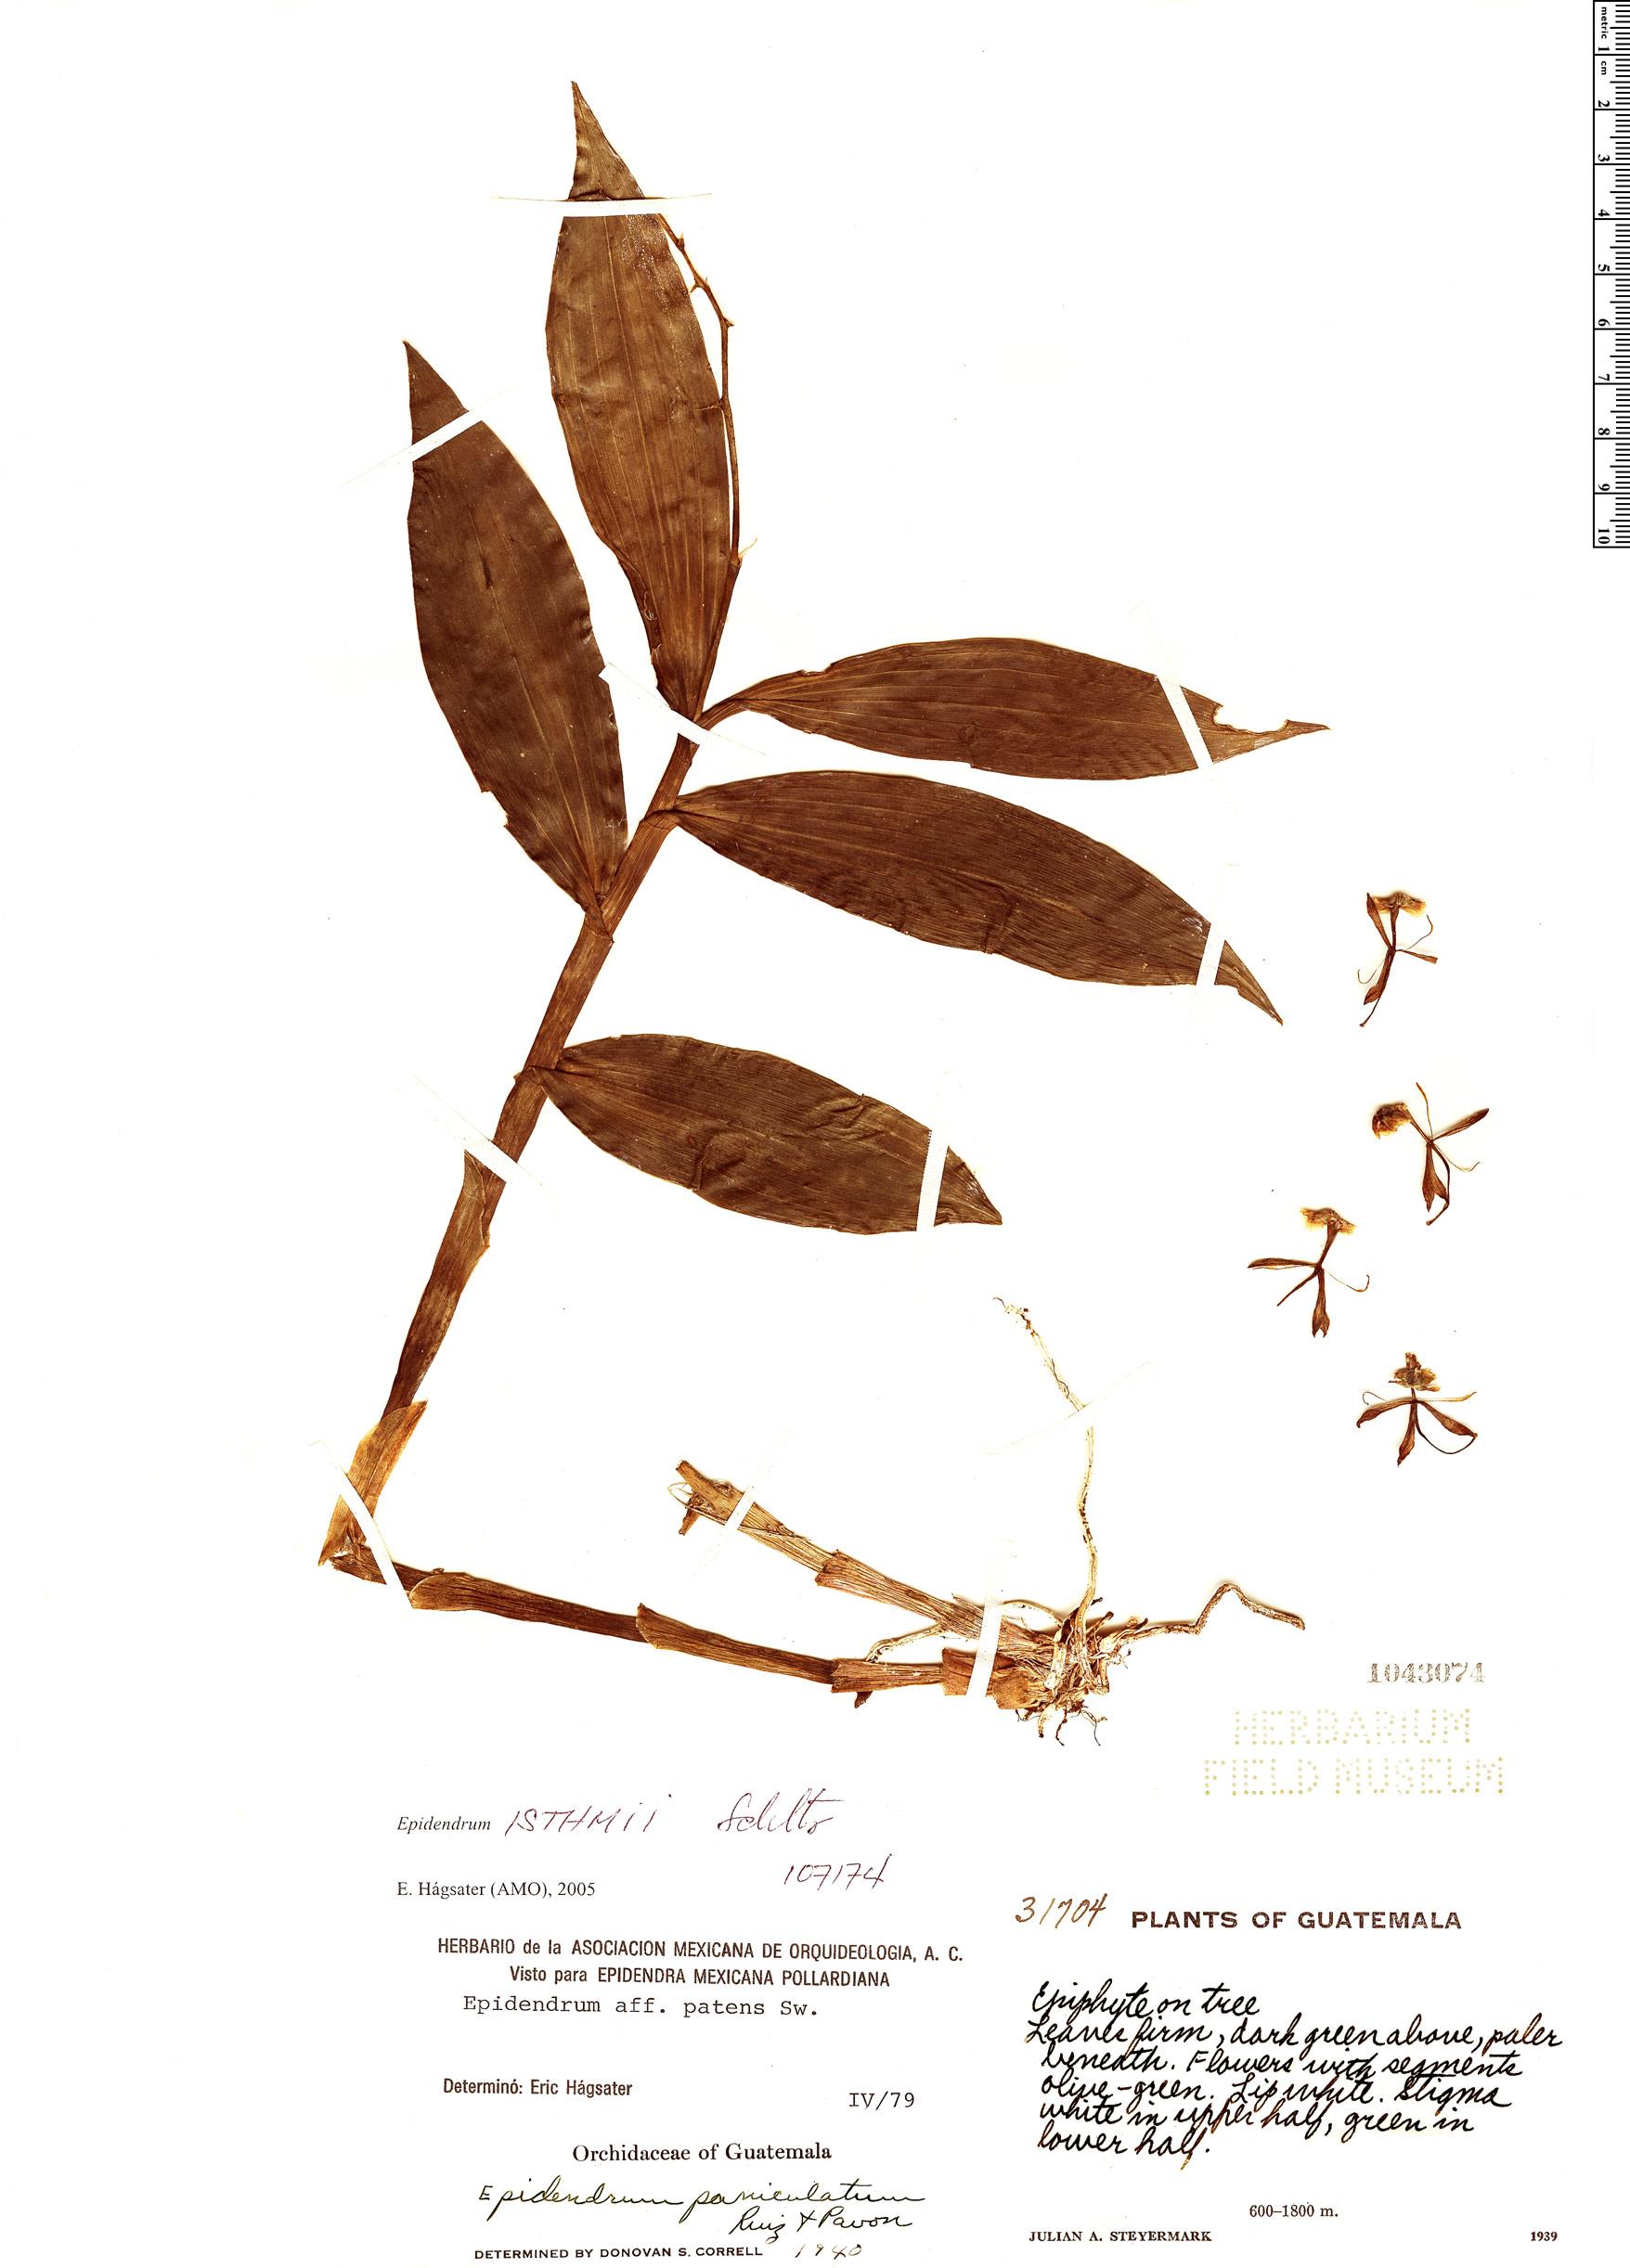 Specimen: Epidendrum isthmi